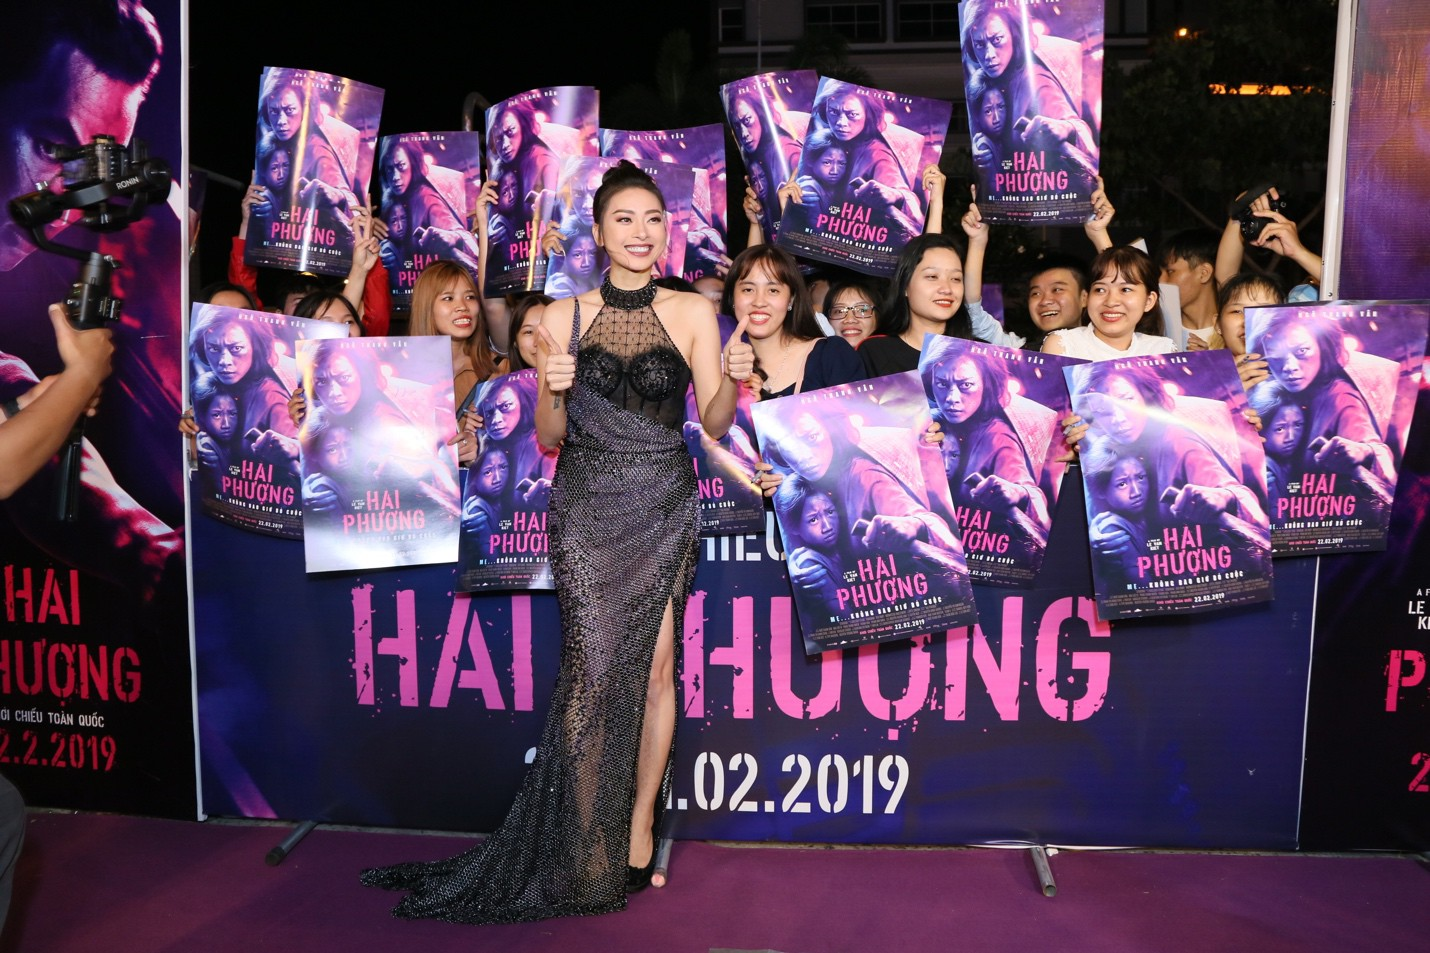 Sau buổi công chiếu, Hai Phượng được đánh giá là bom tấn phim hành động Việt 2019 - Ảnh 3.